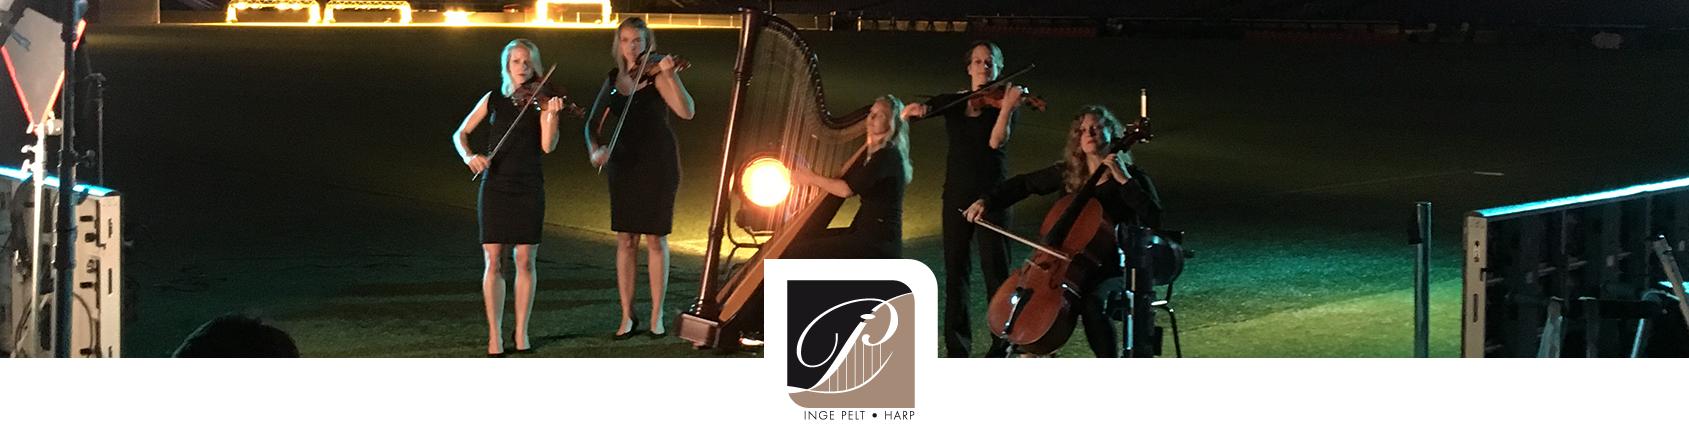 commercial inspelen harpiste Feyenoord